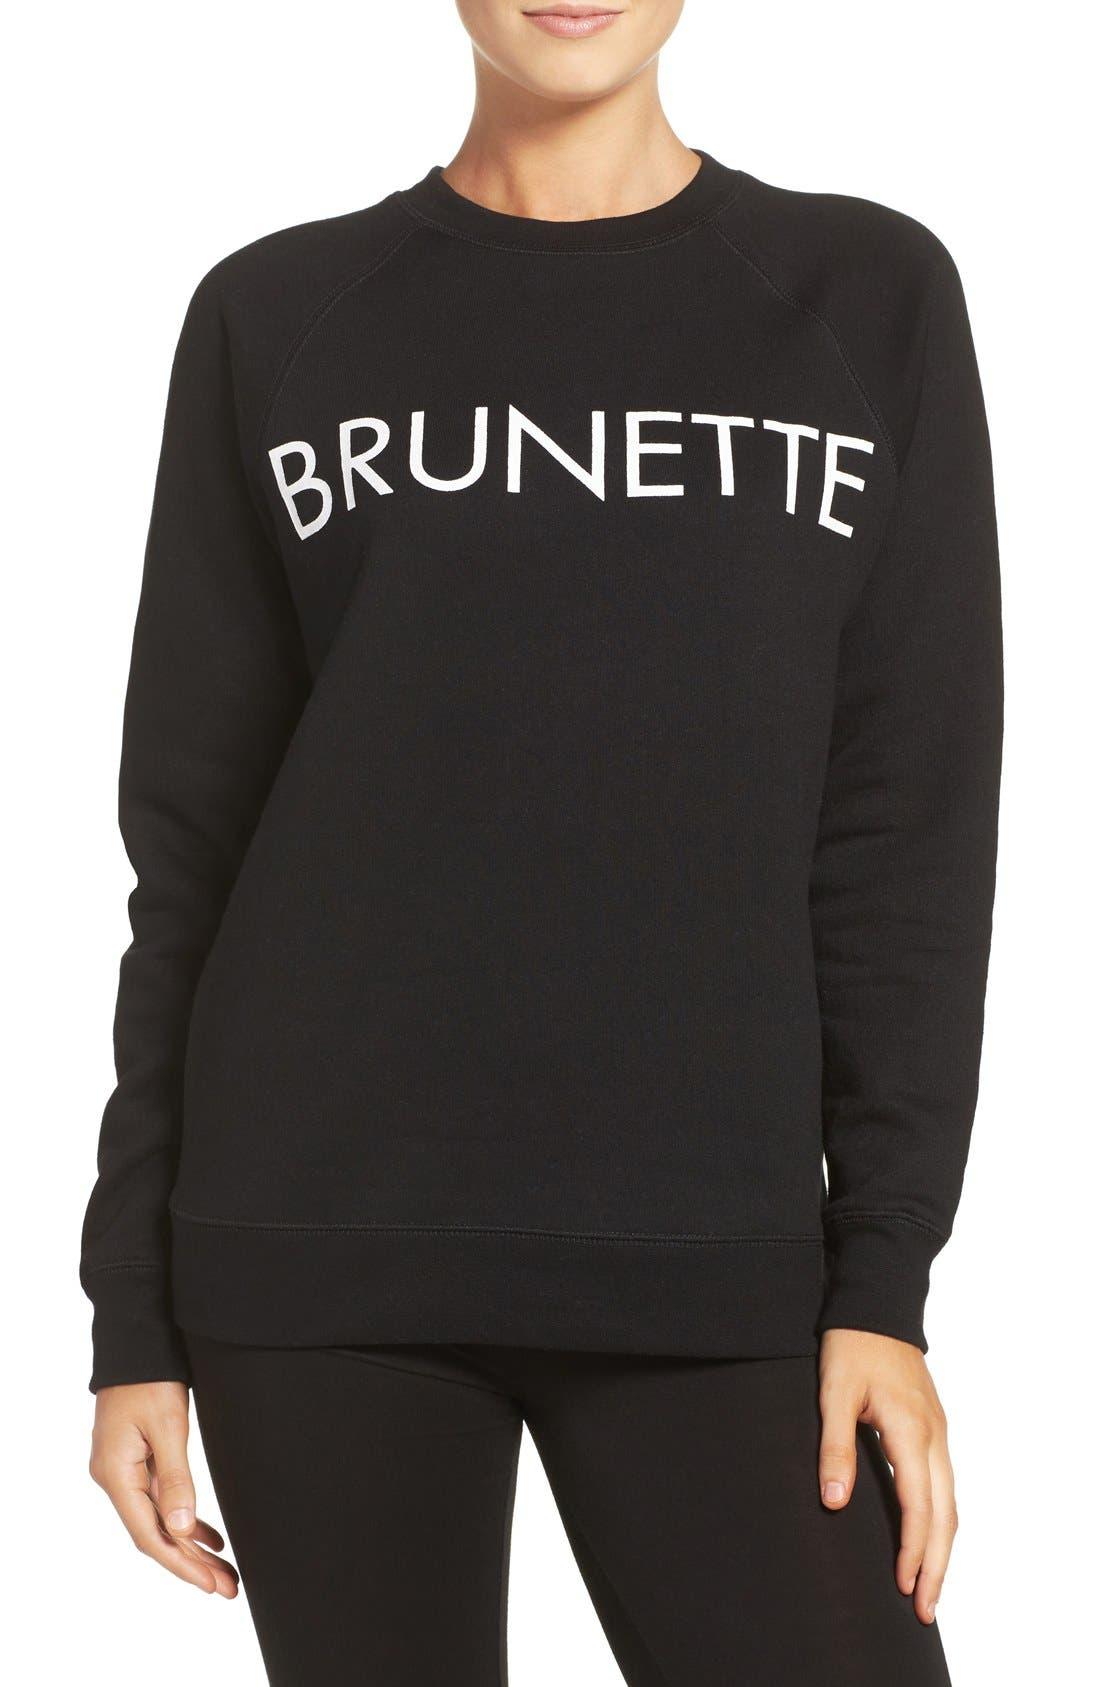 Brunette Crewneck Sweatshirt,                             Main thumbnail 1, color,                             001